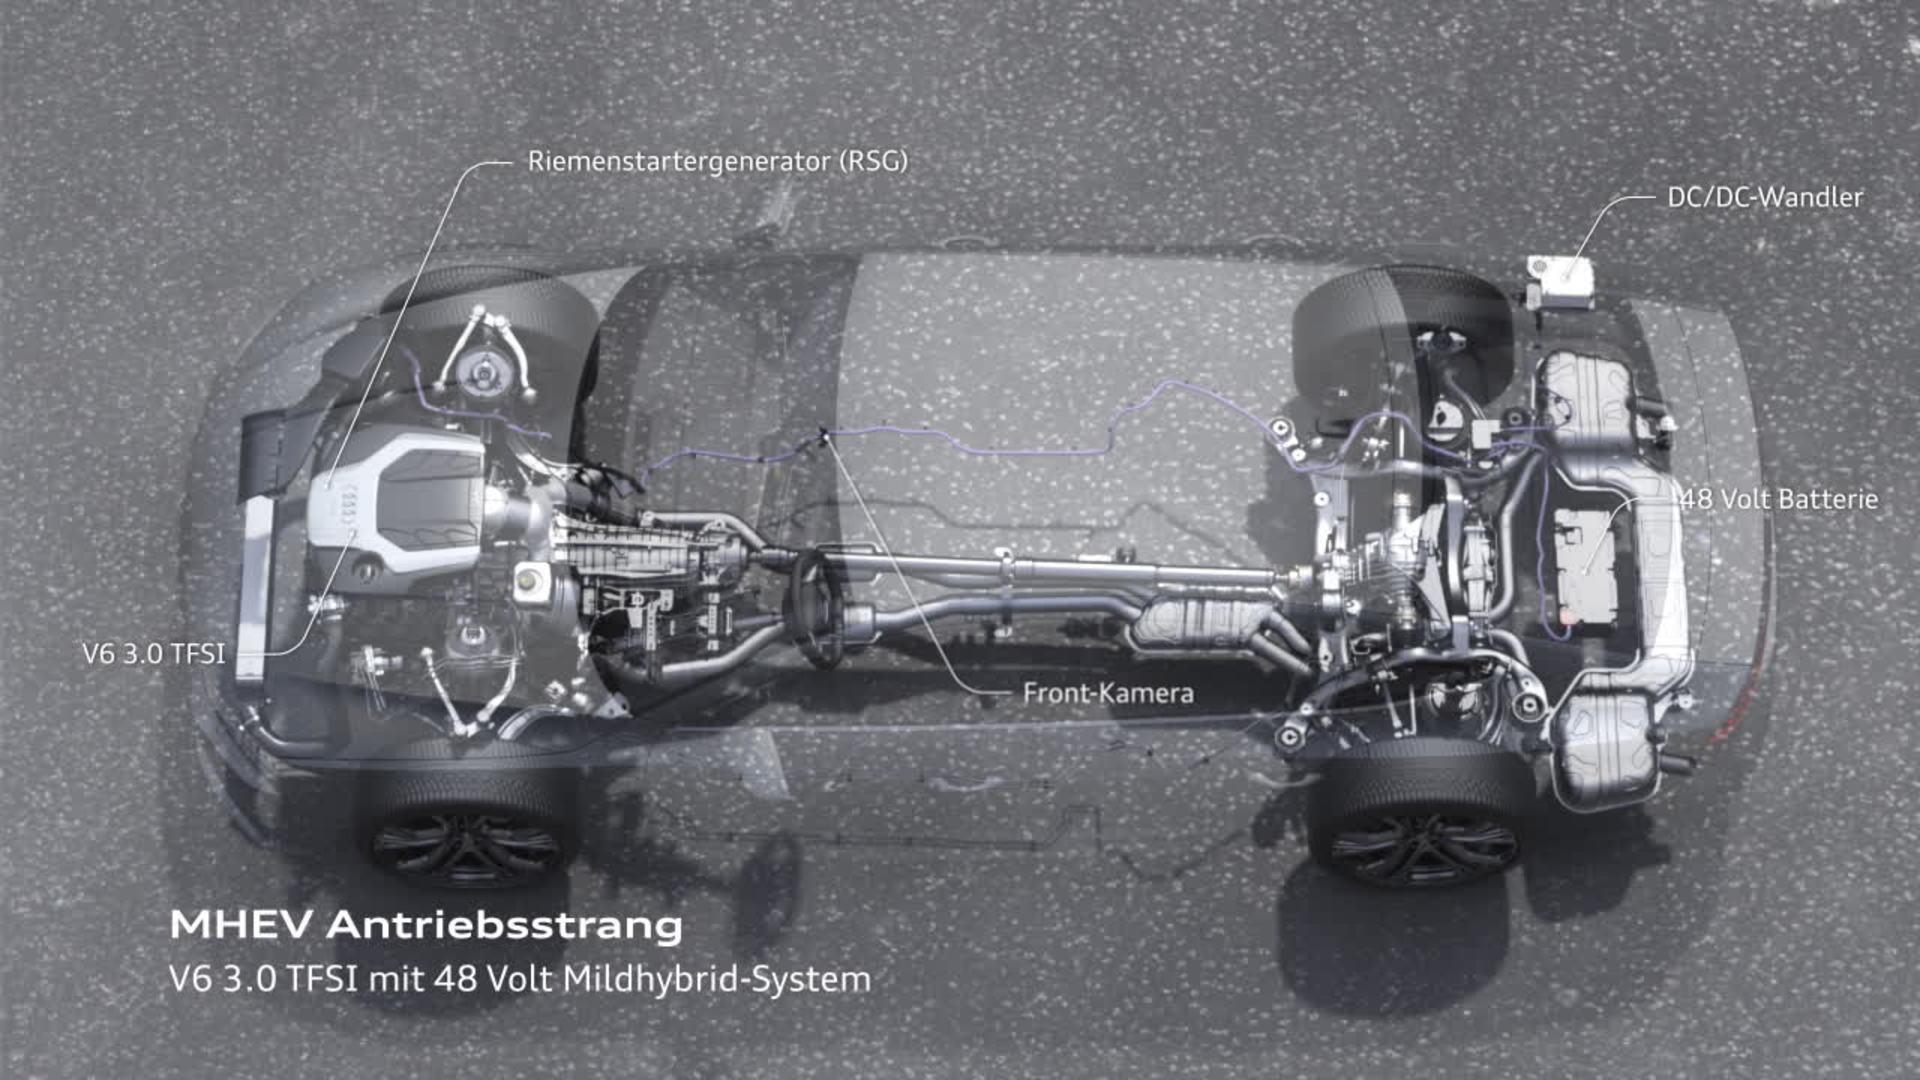 Audi A7 Animation Mildhybrid-System